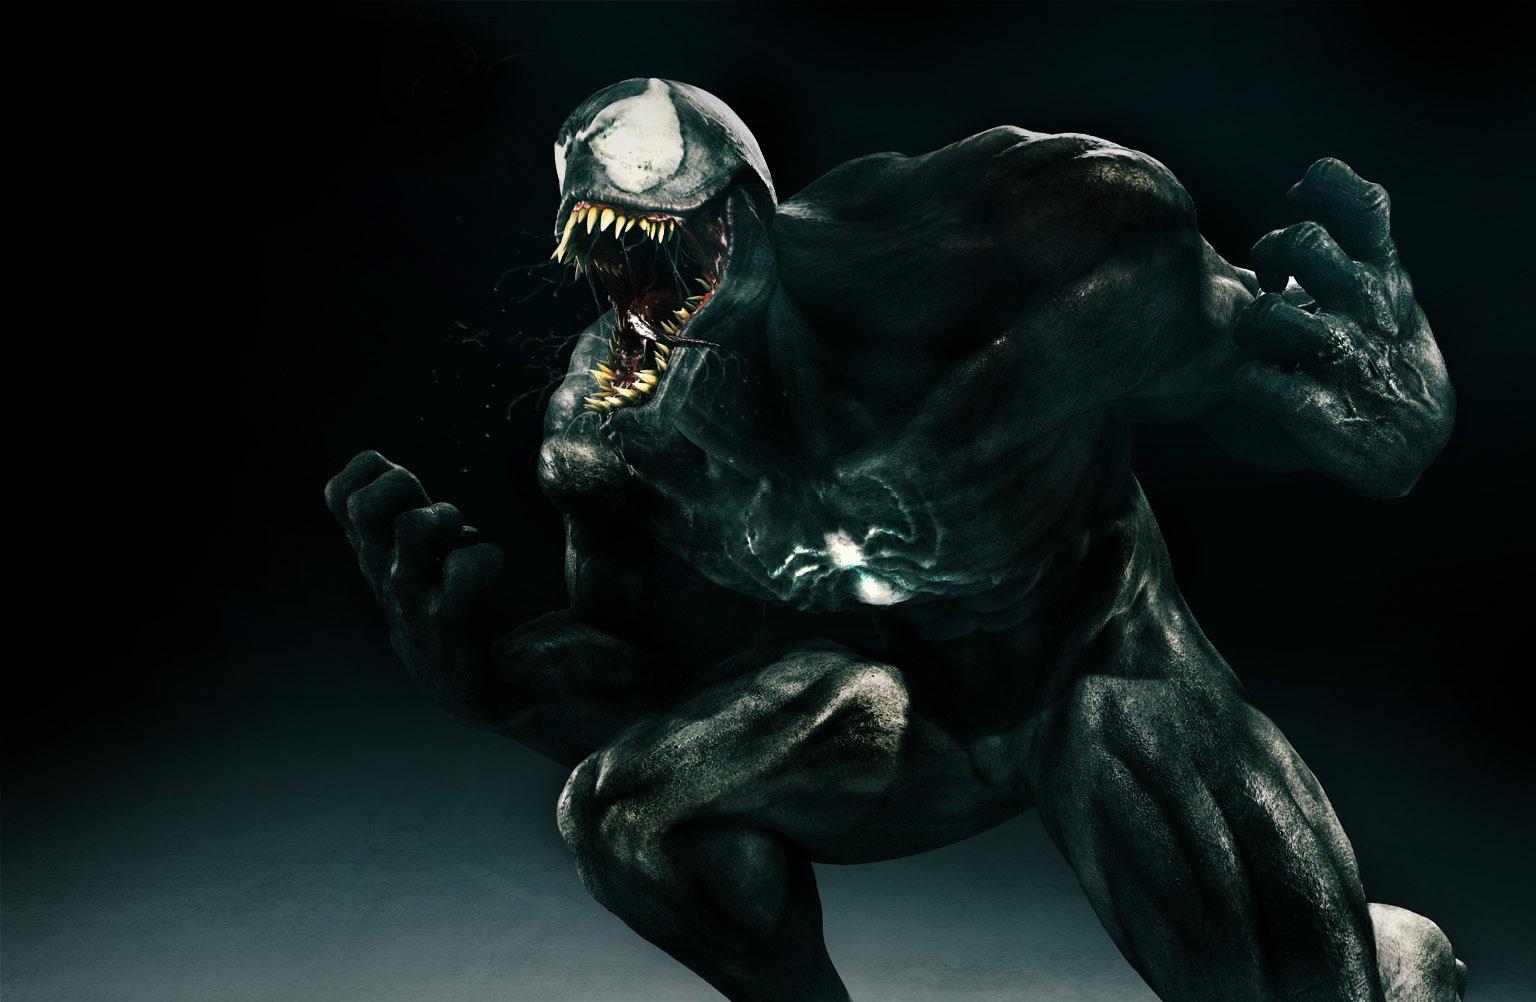 Marvel Venom Wallpaper Hd Wallpapersafari